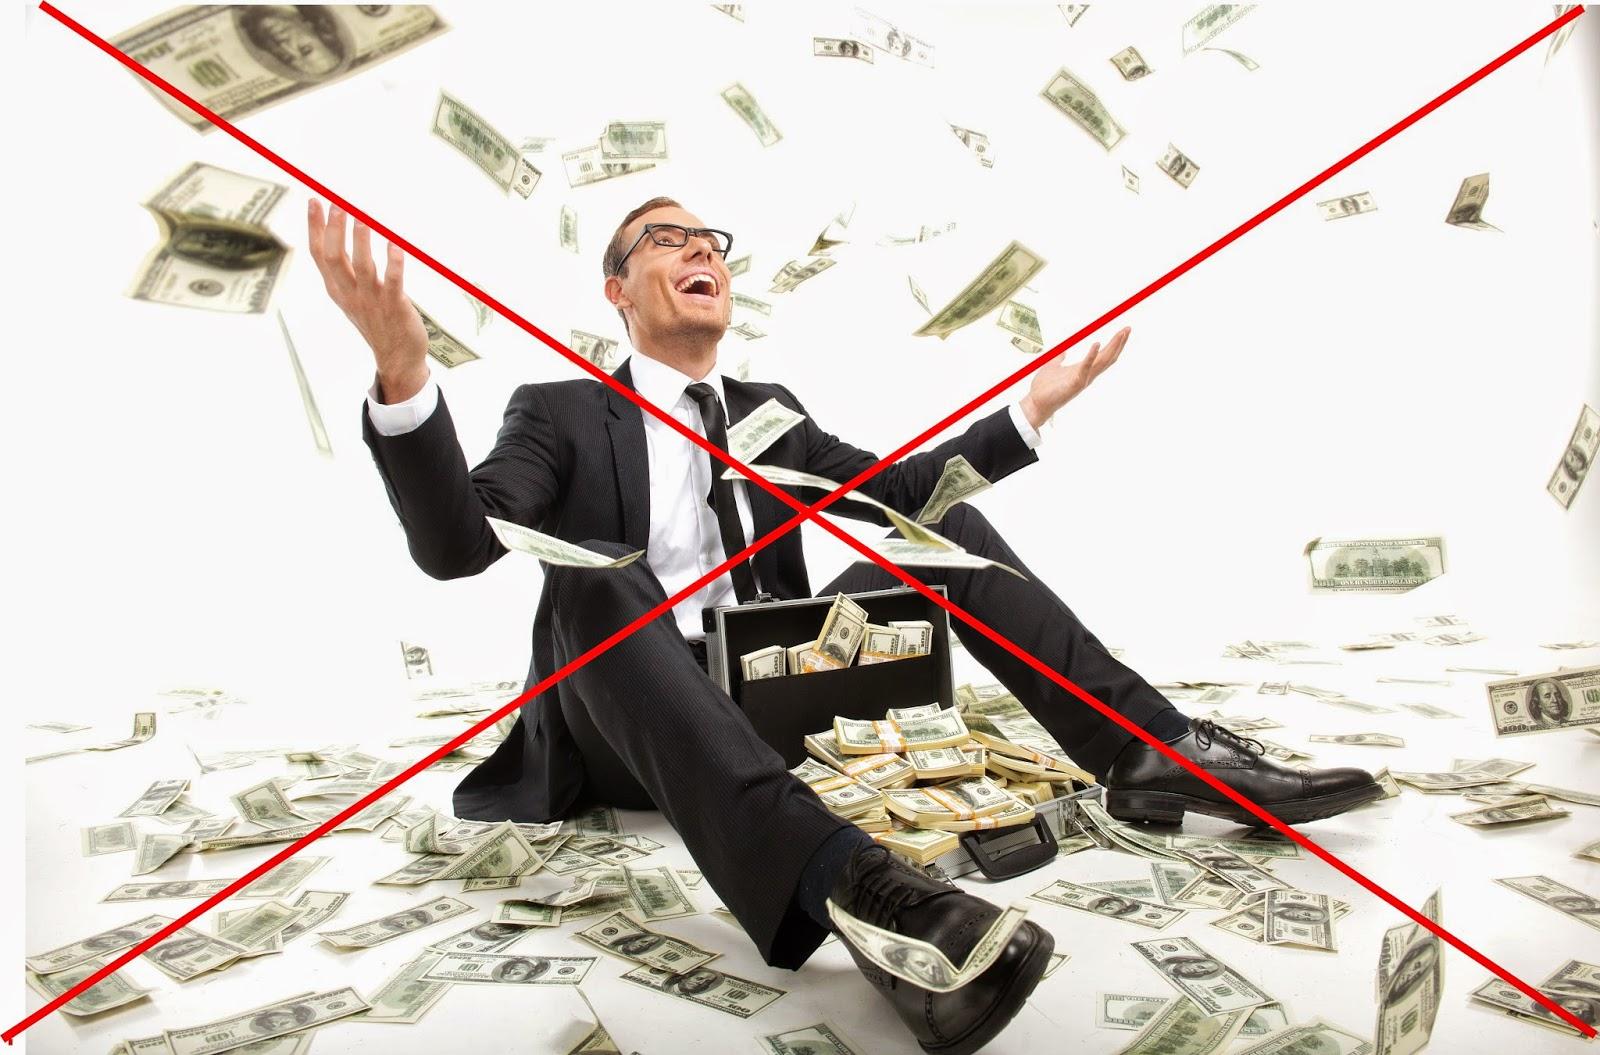 Possivel ganhar dinheiro forex